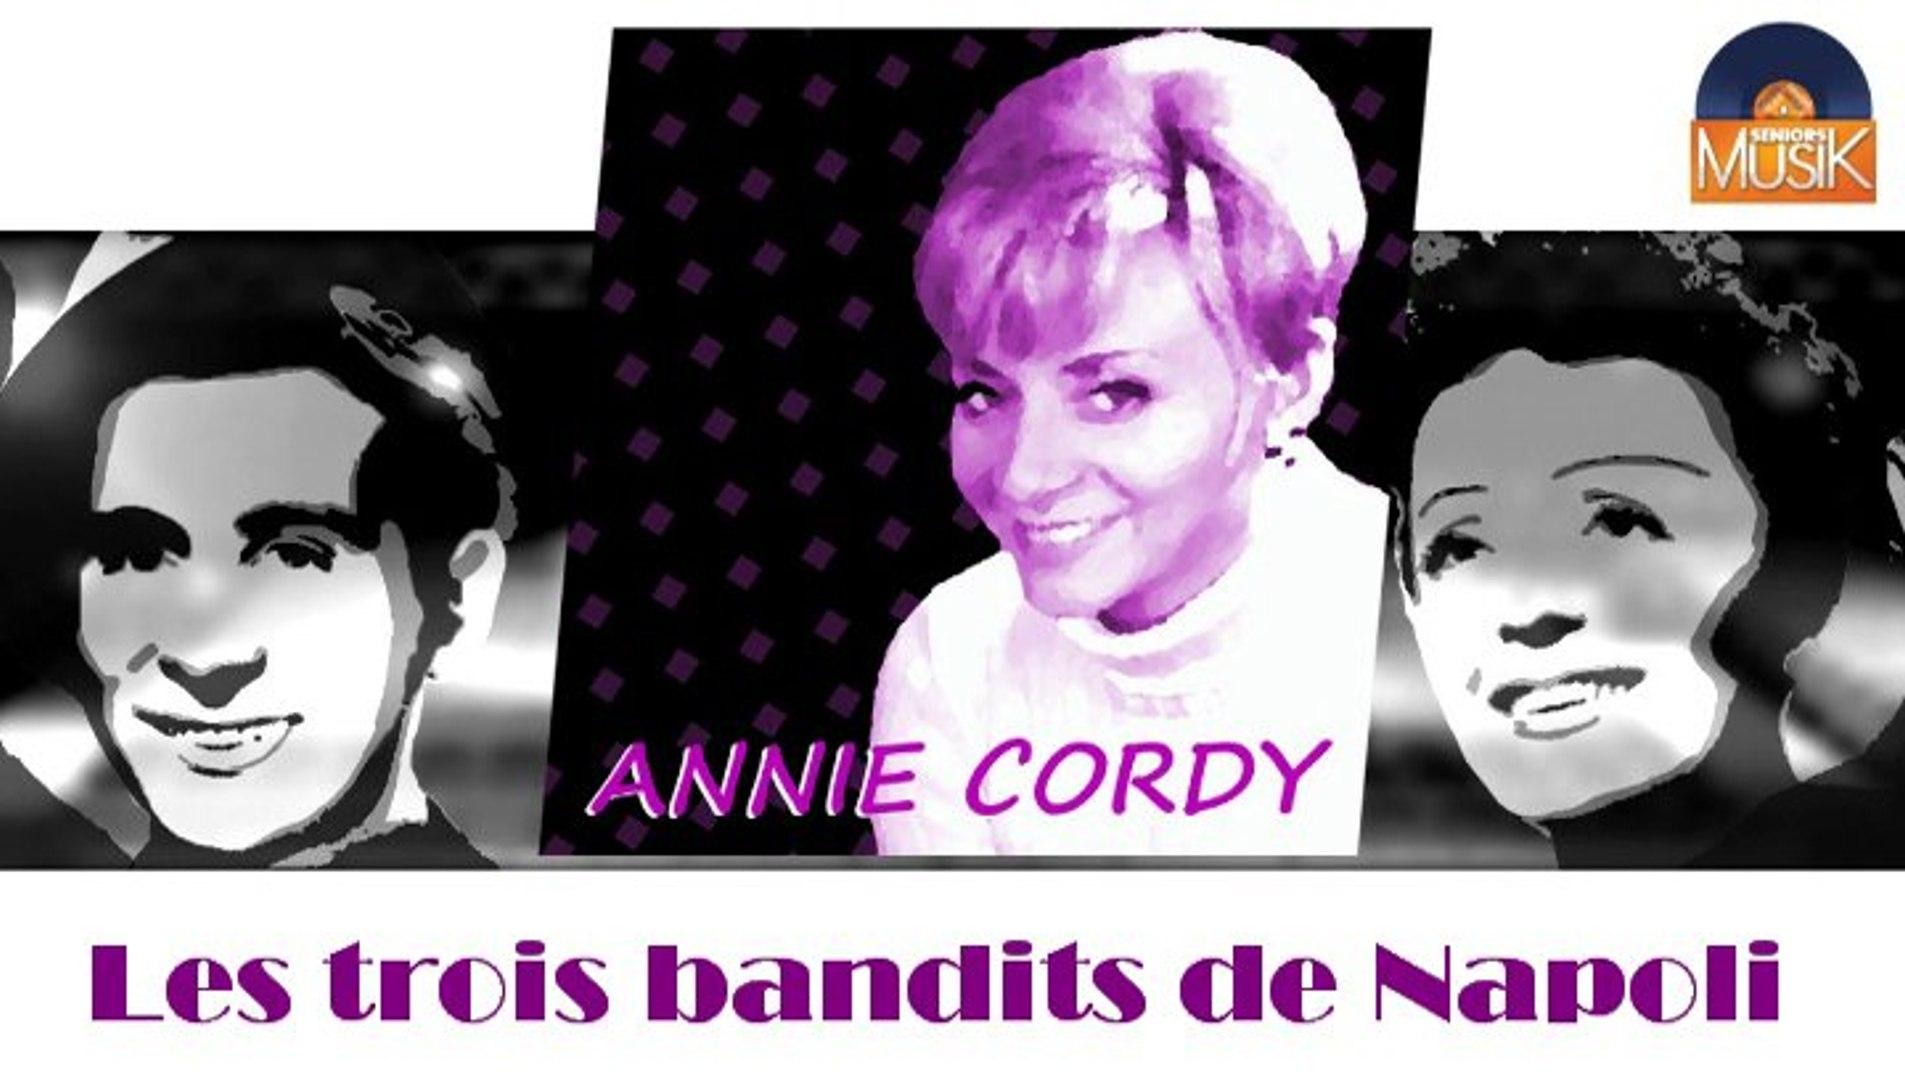 Annie Cordy - Les trois bandits de Napoli (HD) Officiel Seniors Musik